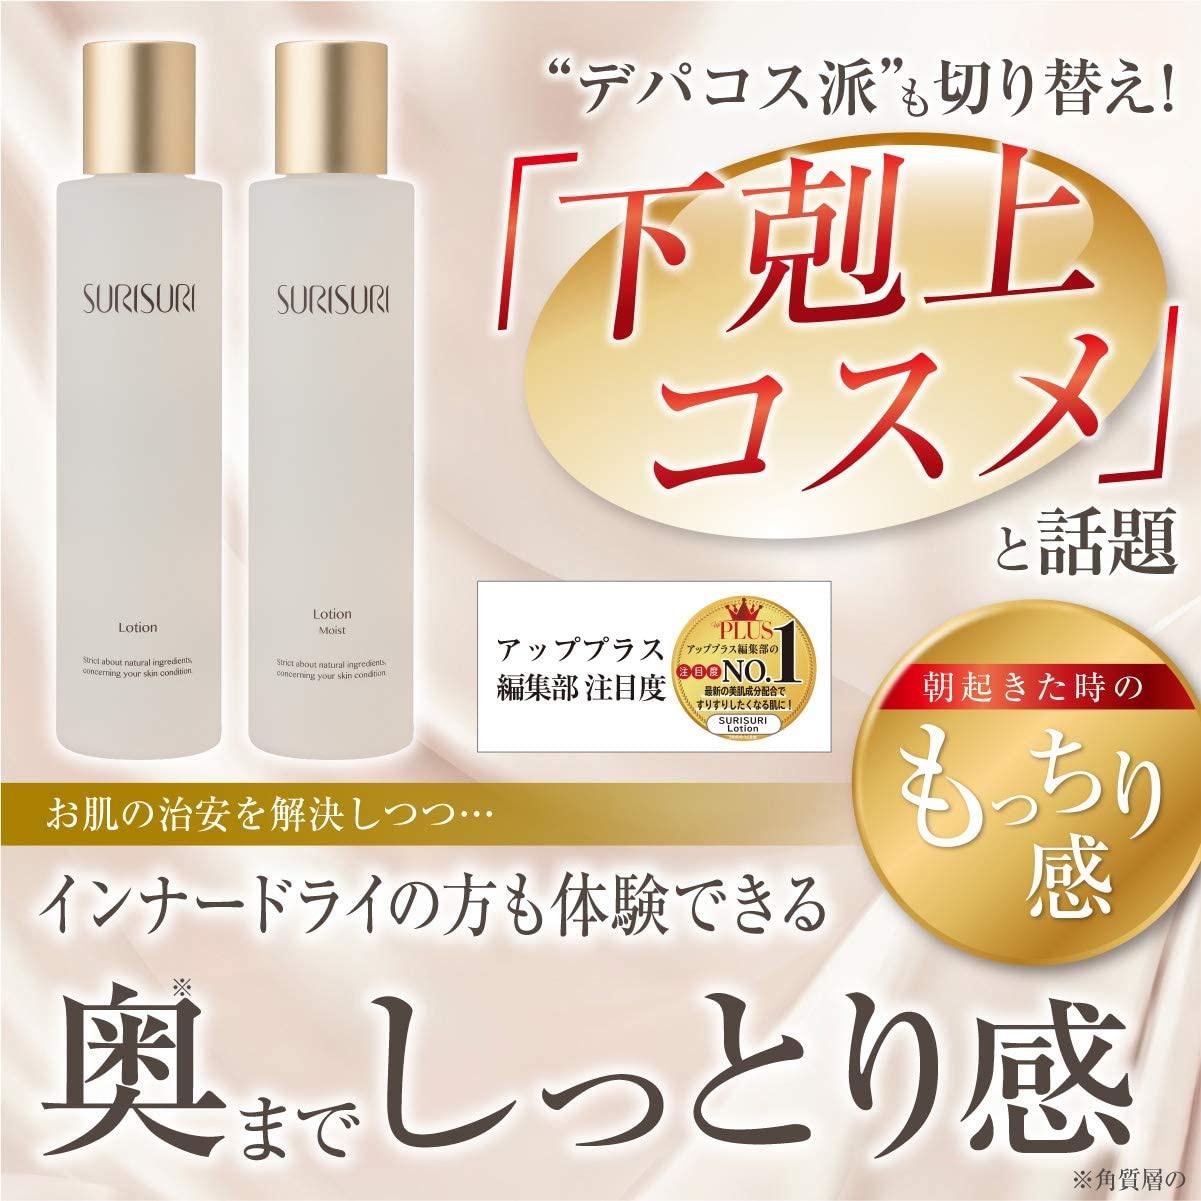 SURISURI(スリスリ) ナノセルロースローションの商品画像2